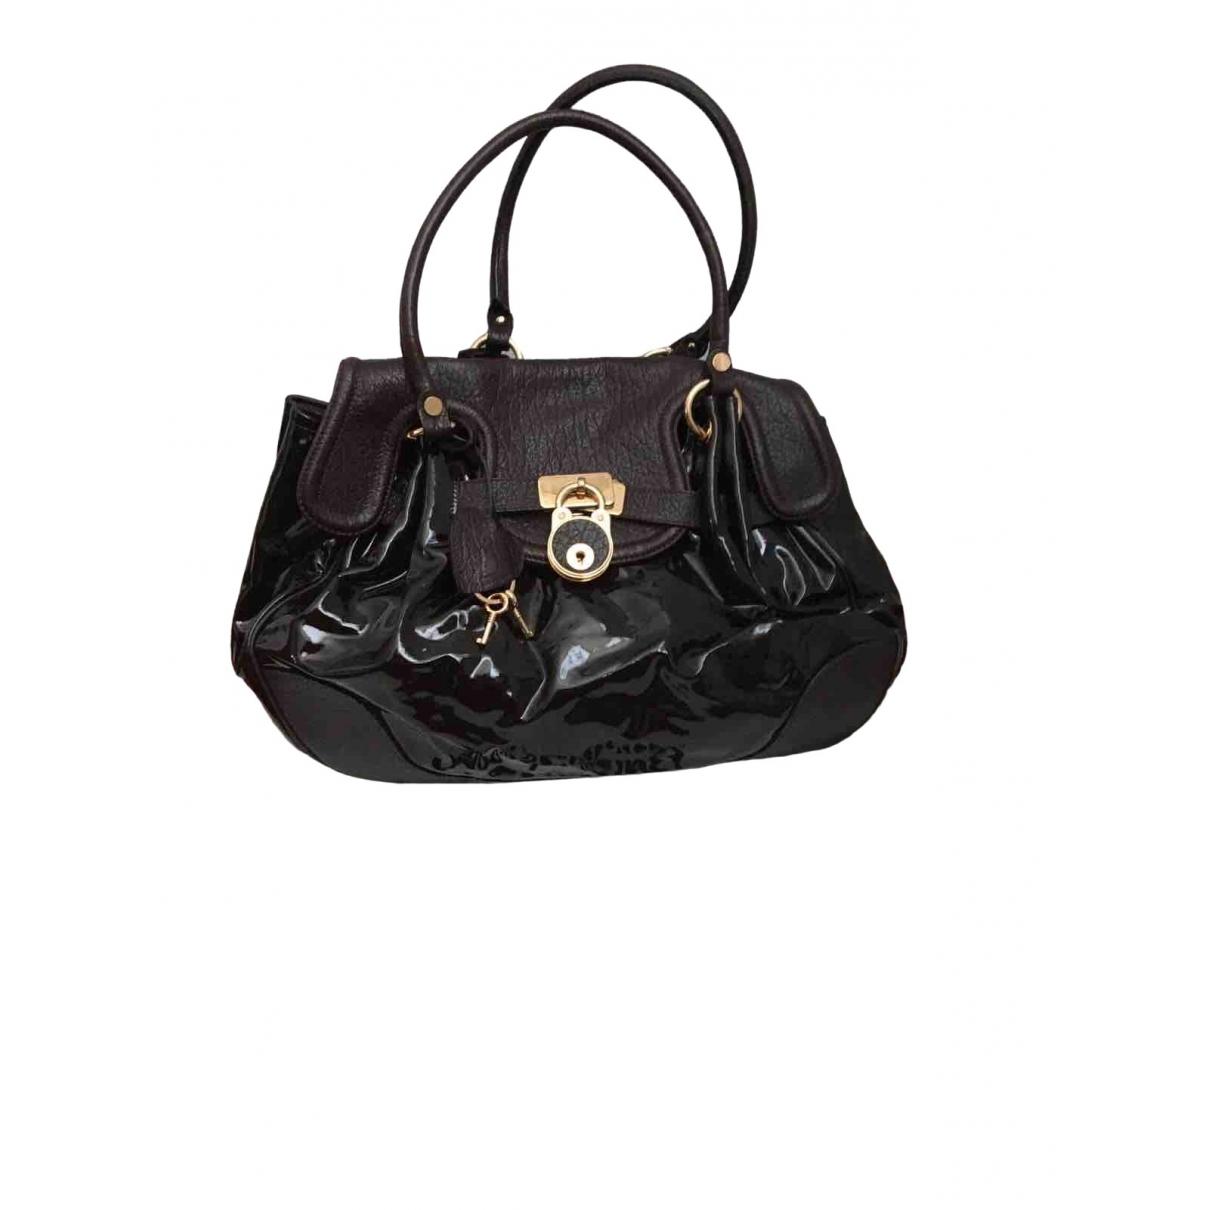 Moschino \N Handtasche in  Braun Lackleder